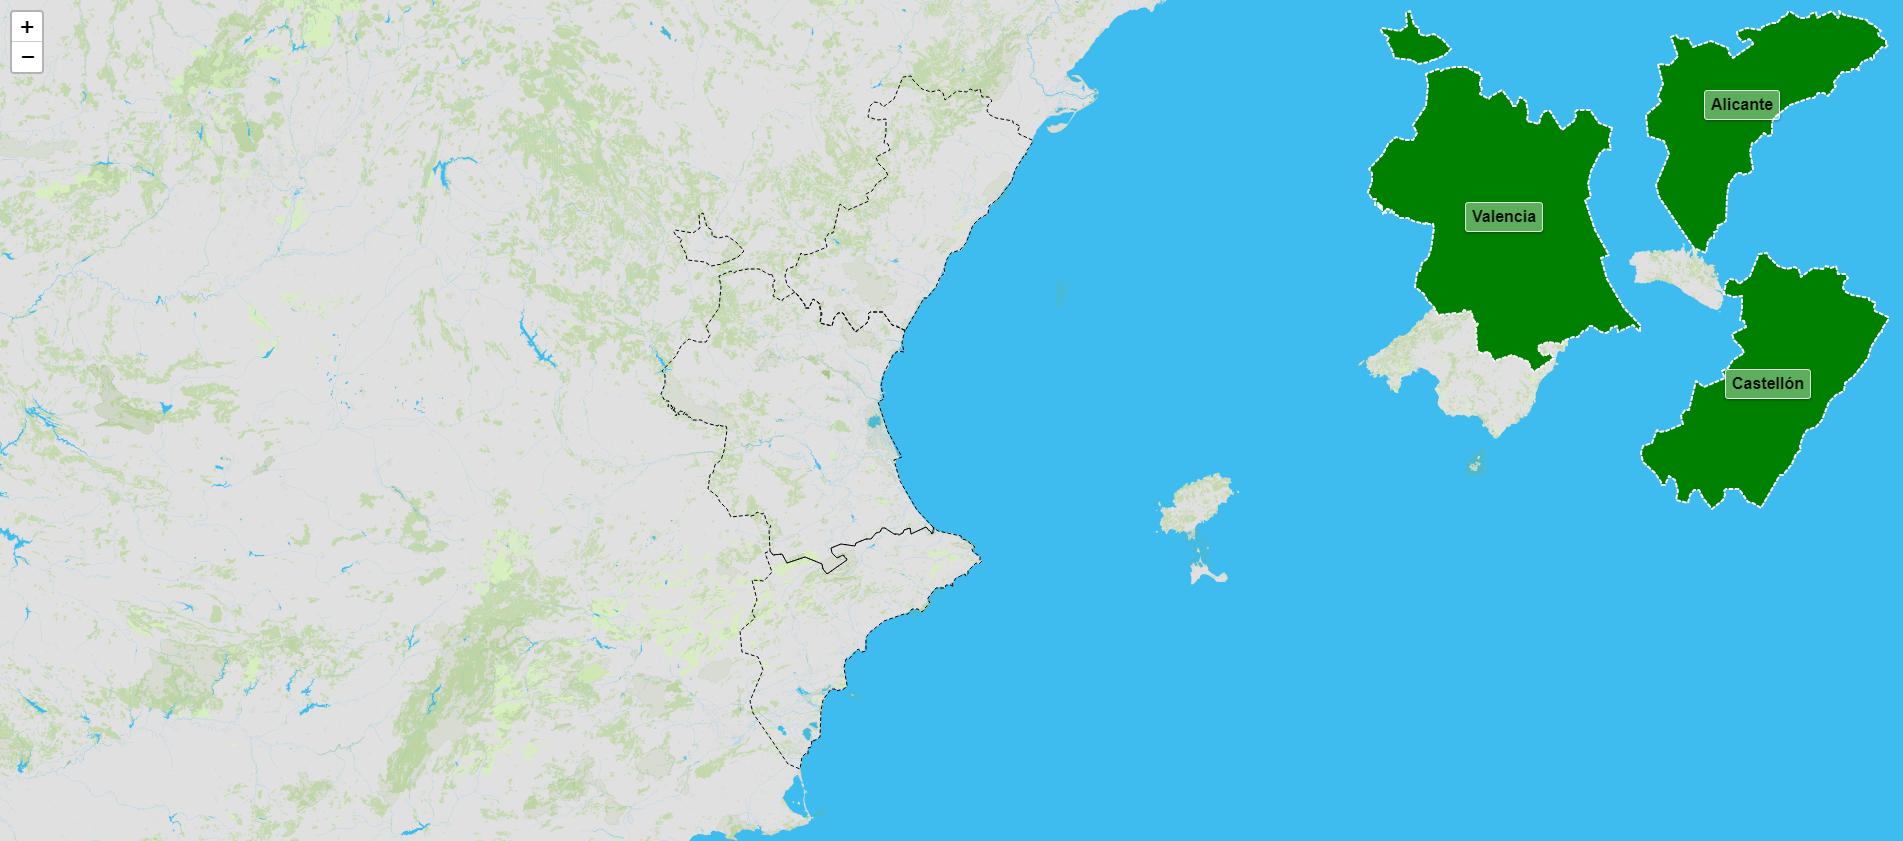 Provincias de la Comunidad Valenciana